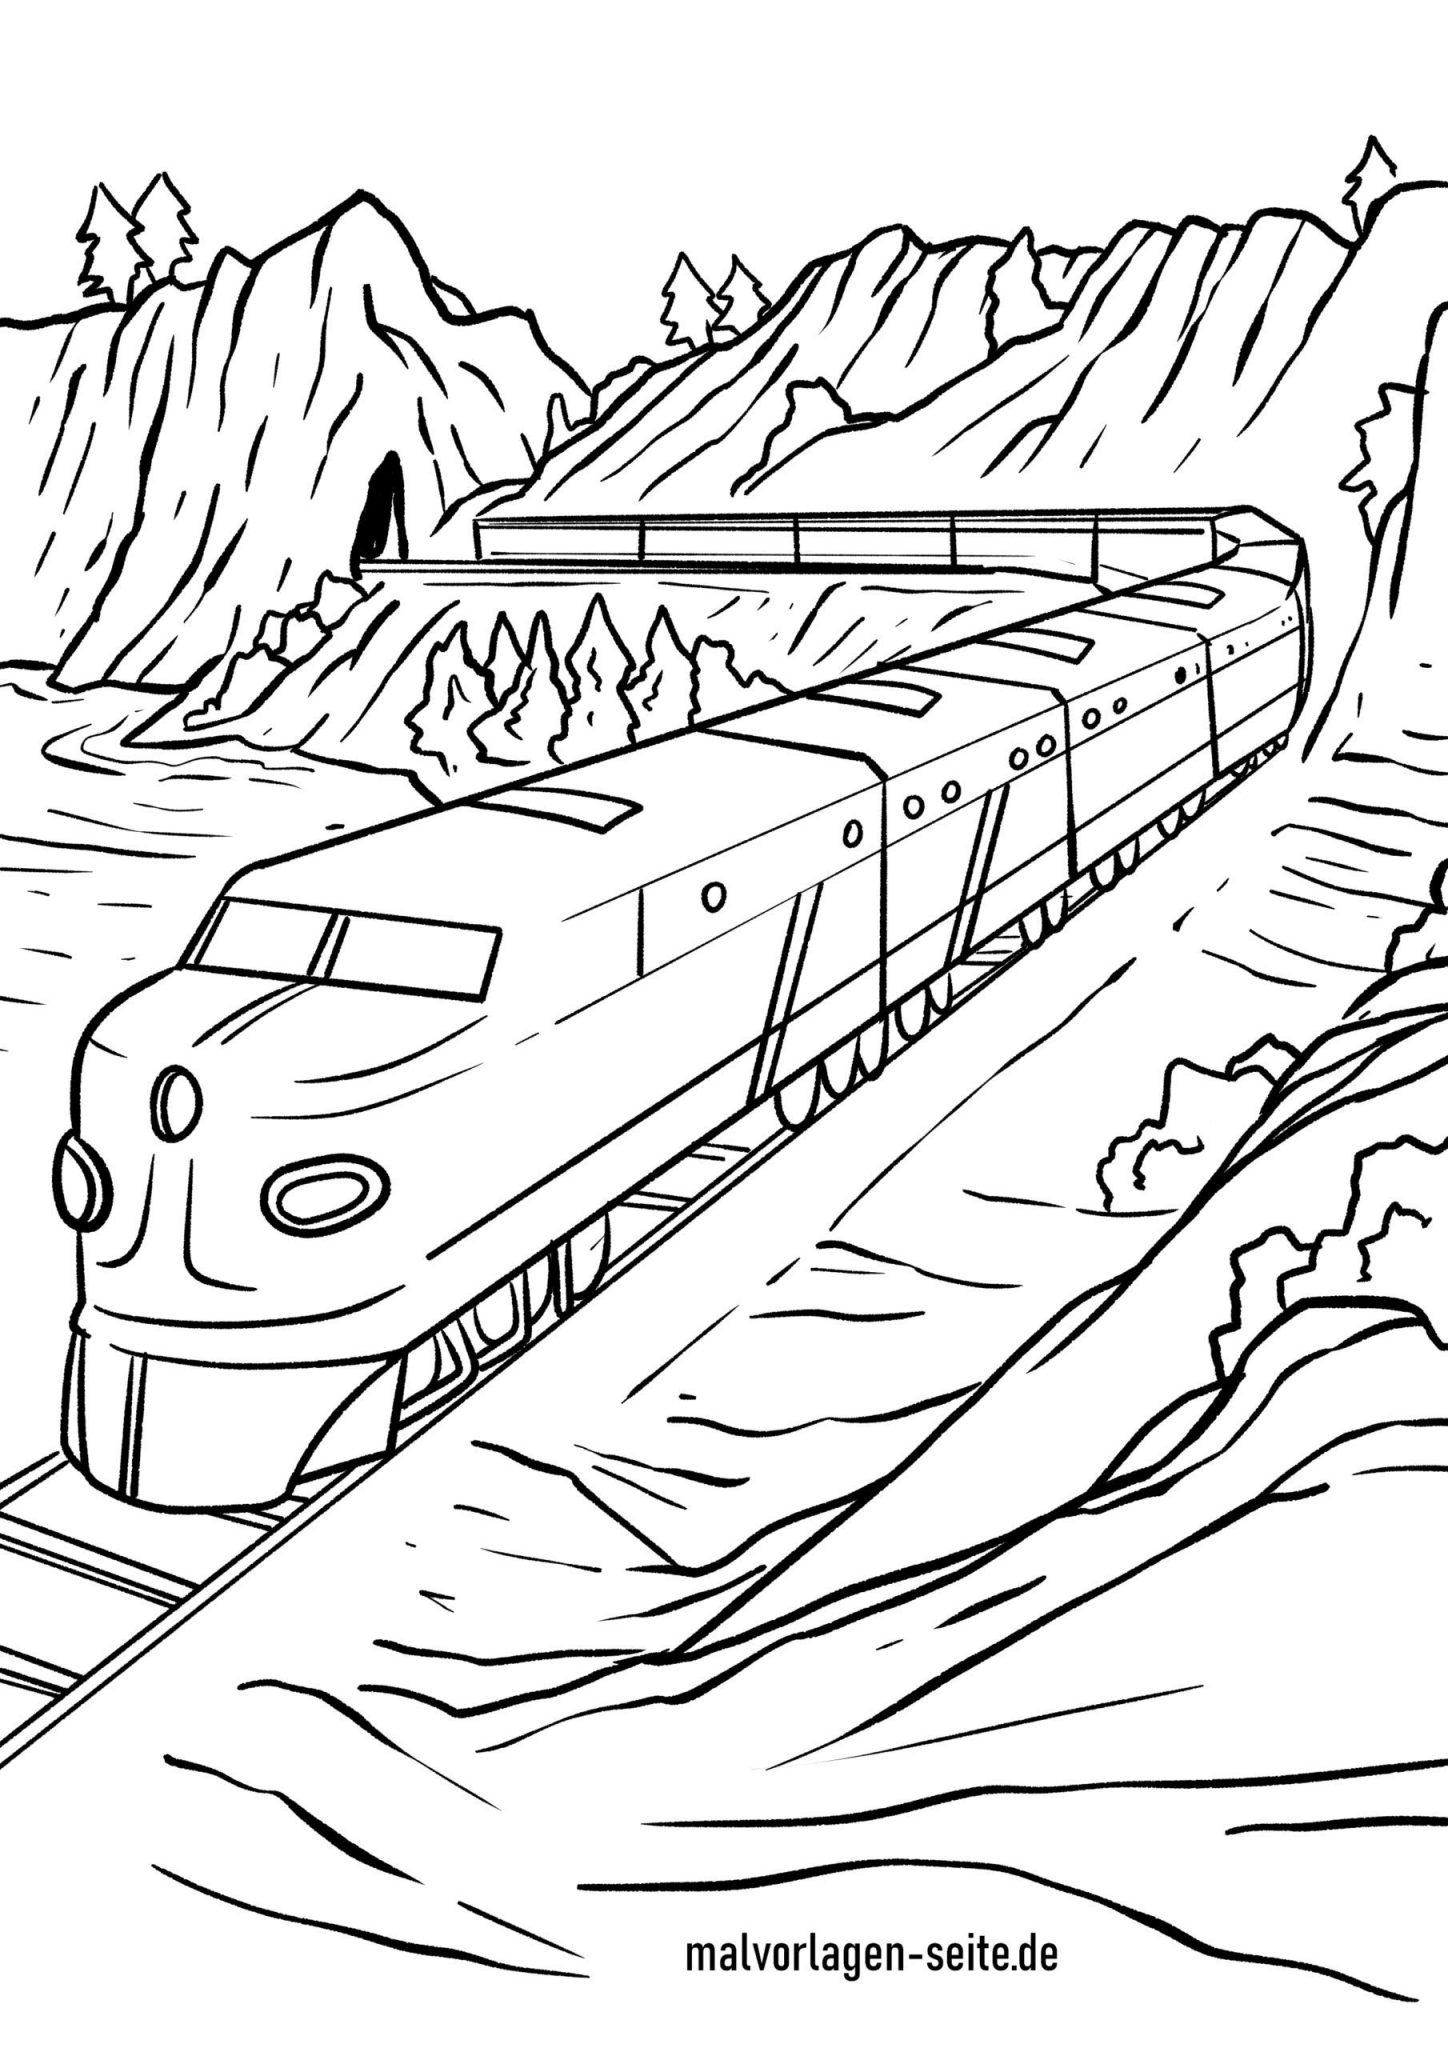 Malvorlage Eisenbahn - Ausmalbilder Kostenlos